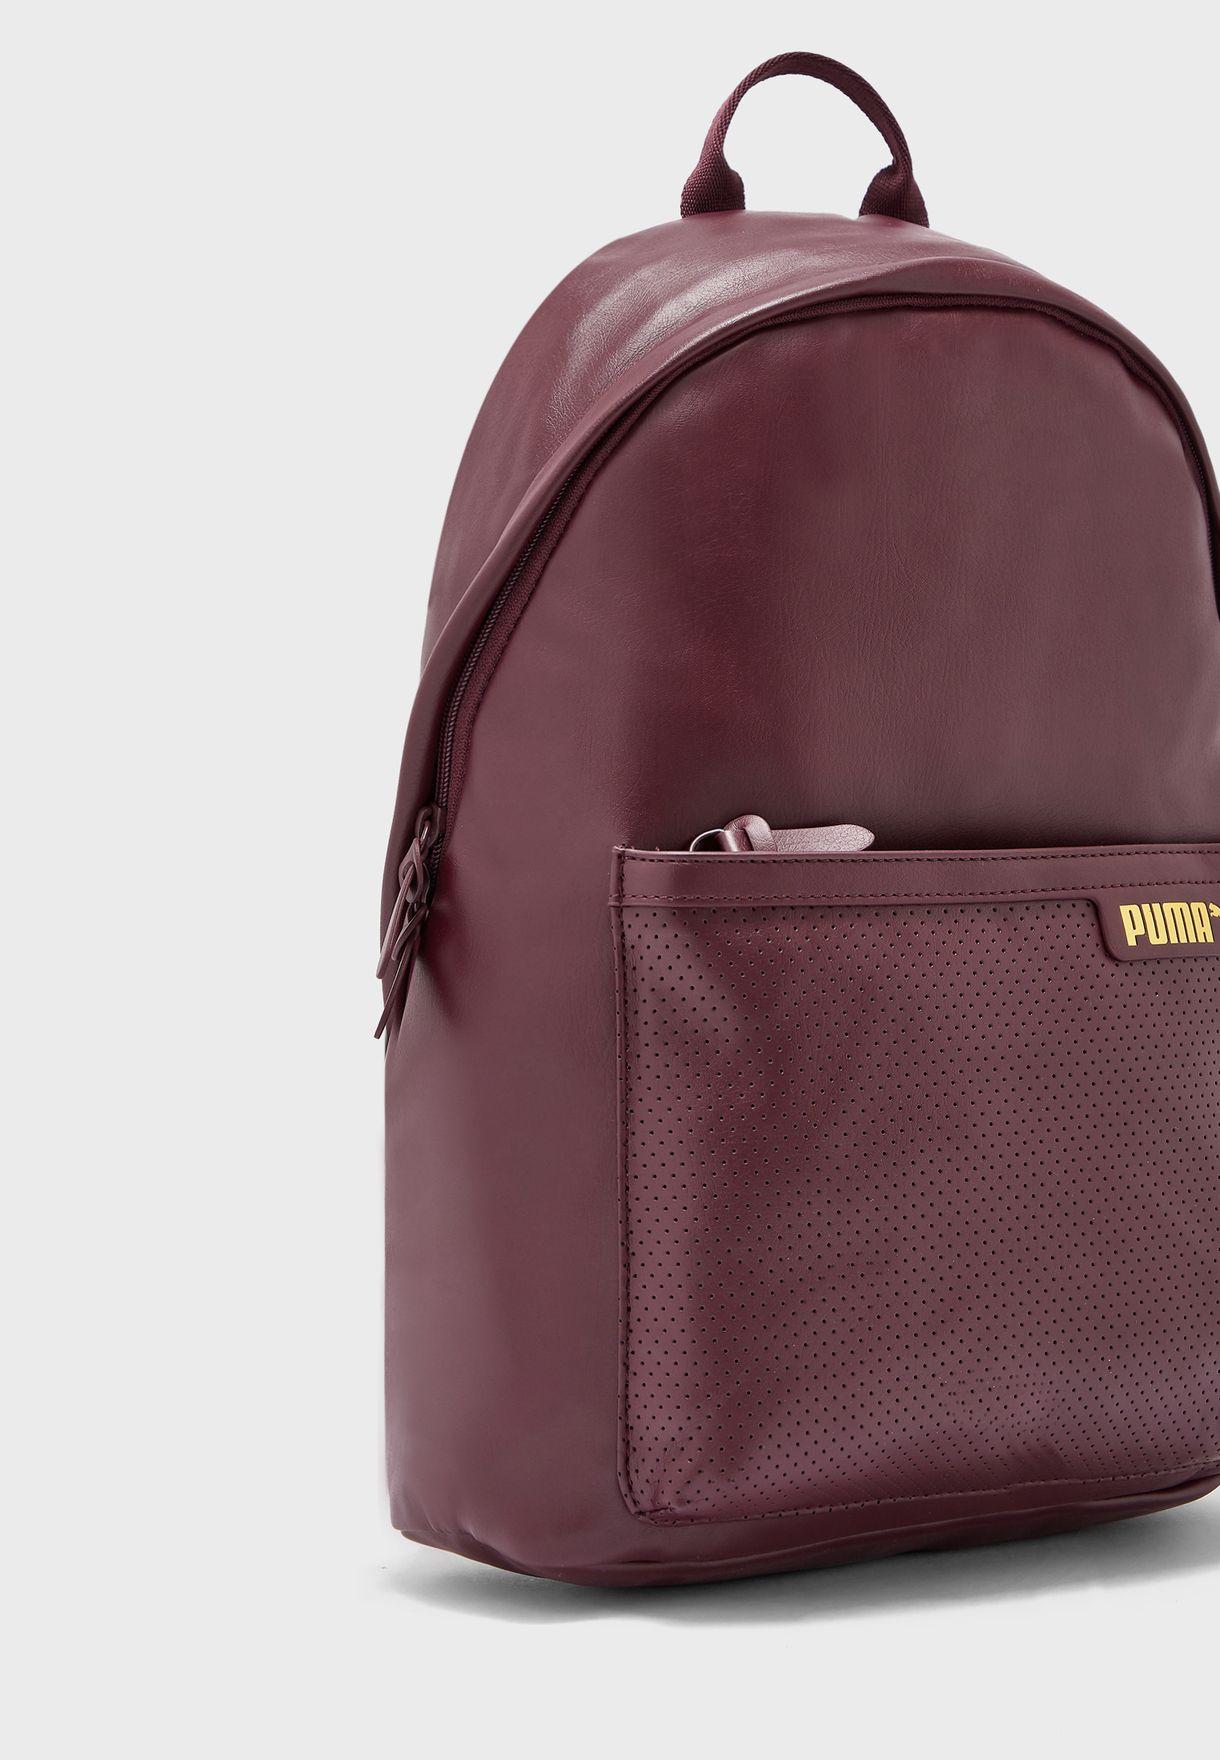 dc55565703a Prime Cali Backpack